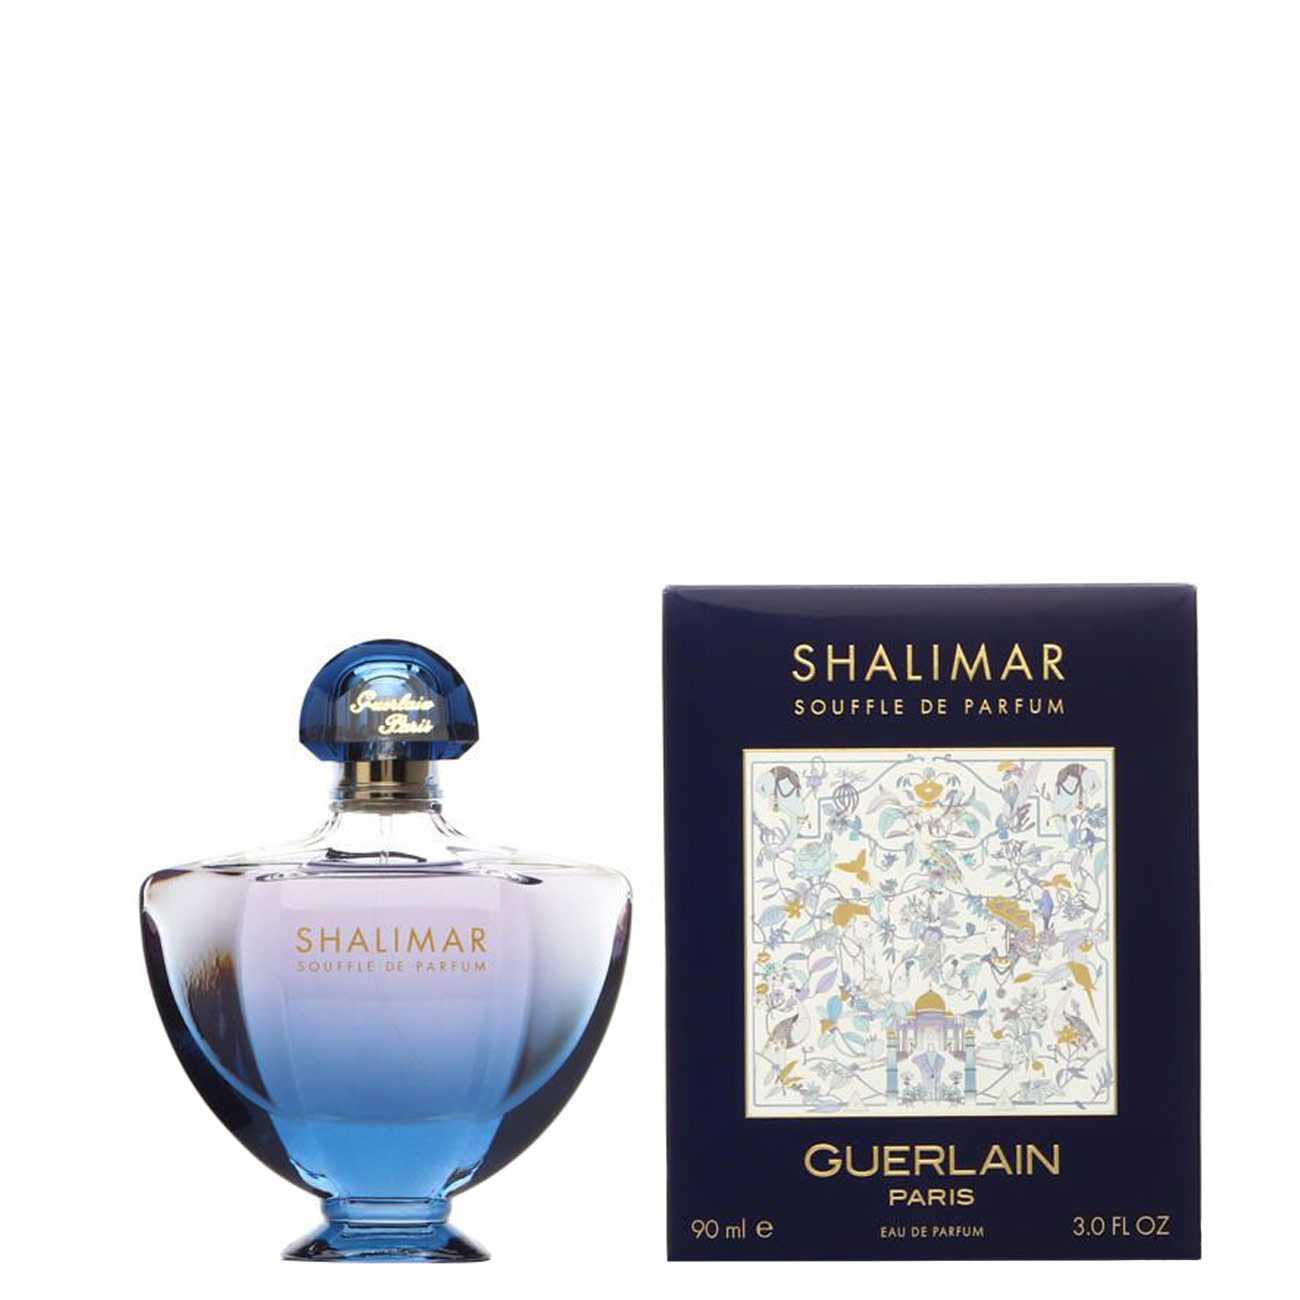 SHALIMAR SOUFFLE DE PARFUM 90ml